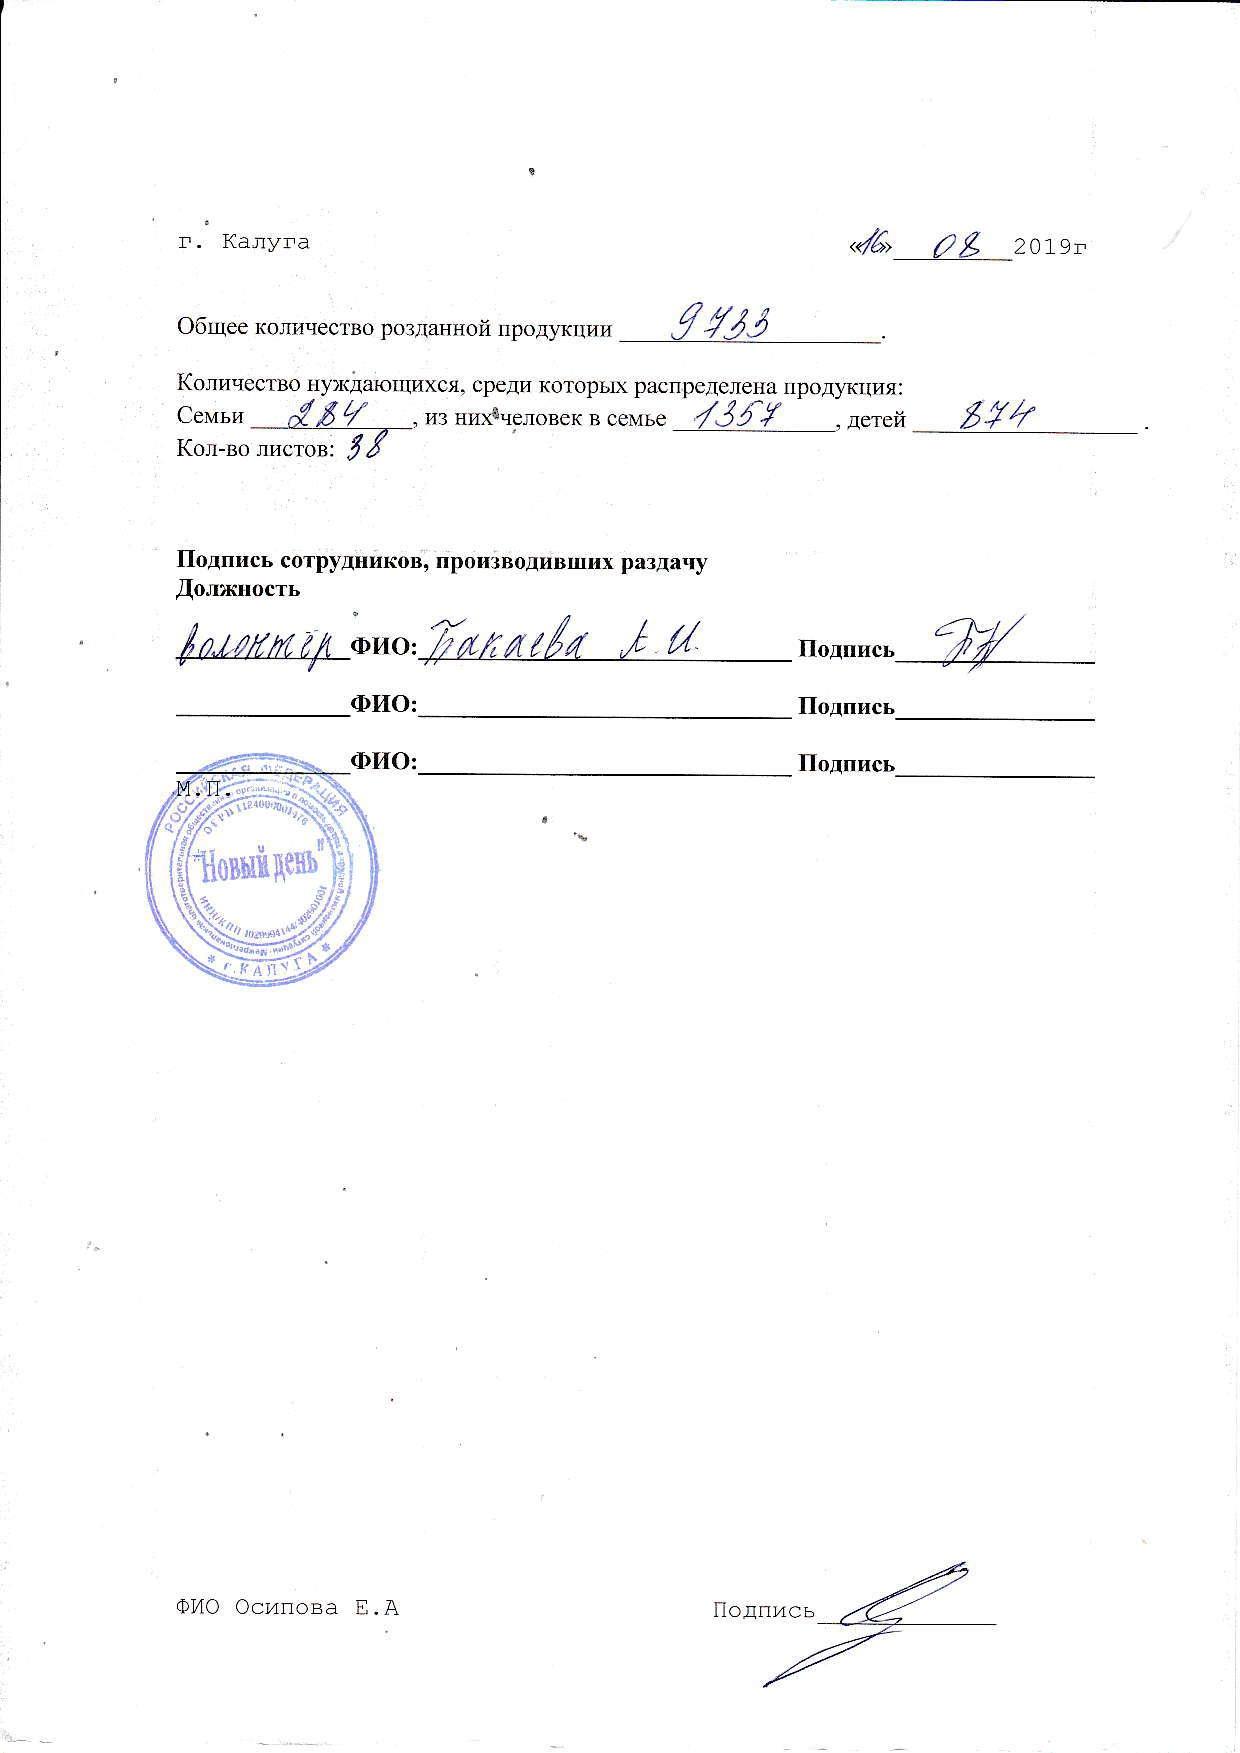 Молочка кол-во 16.08.2019